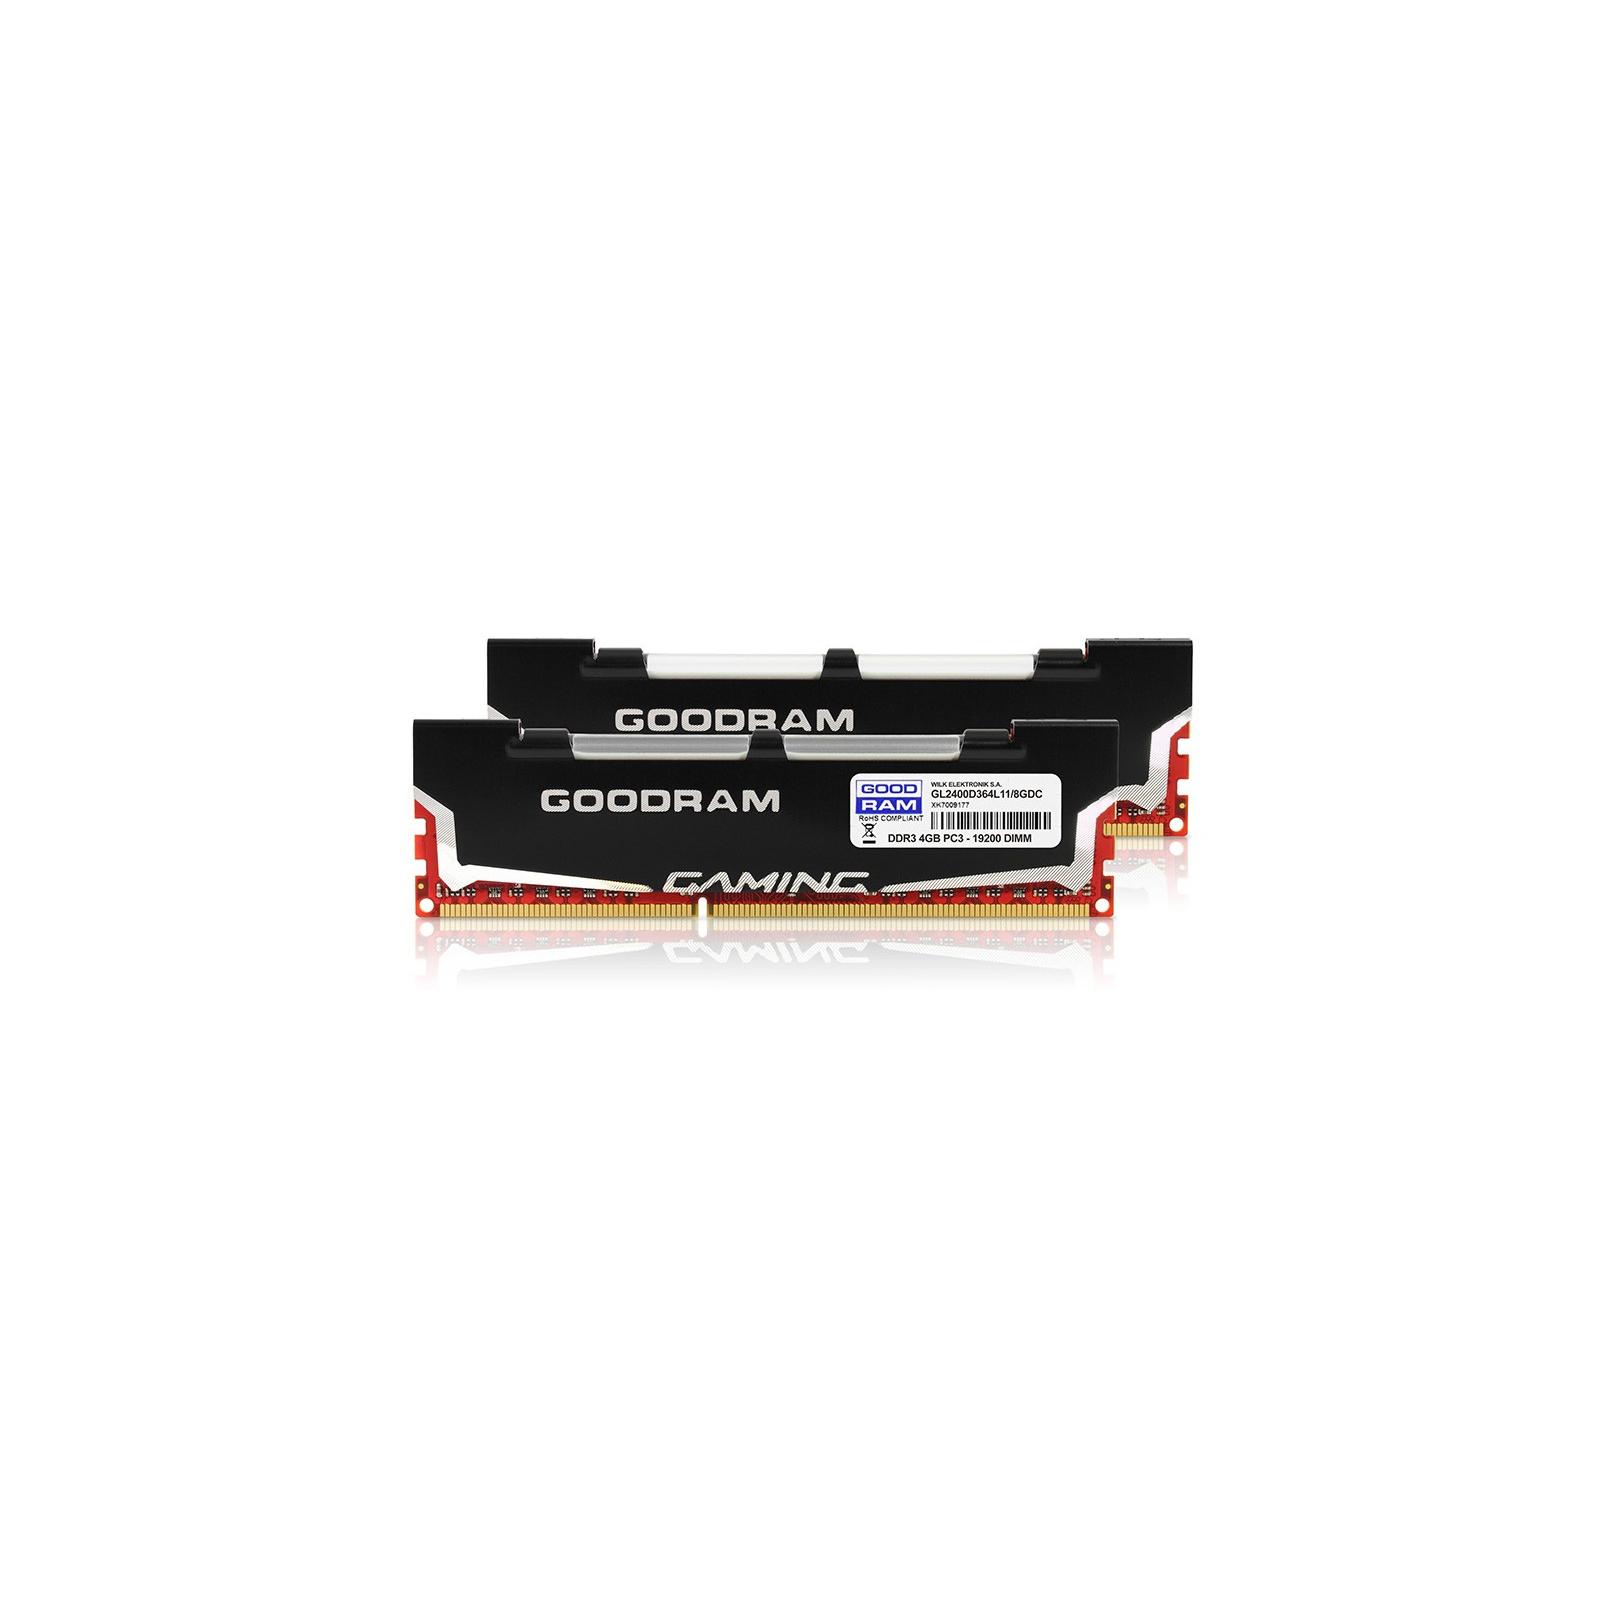 Модуль памяти для компьютера DDR3 8Gb (2x4GB) 2400 MHz Led Gaming GOODRAM (GL2400D364L11/8GDC) изображение 3